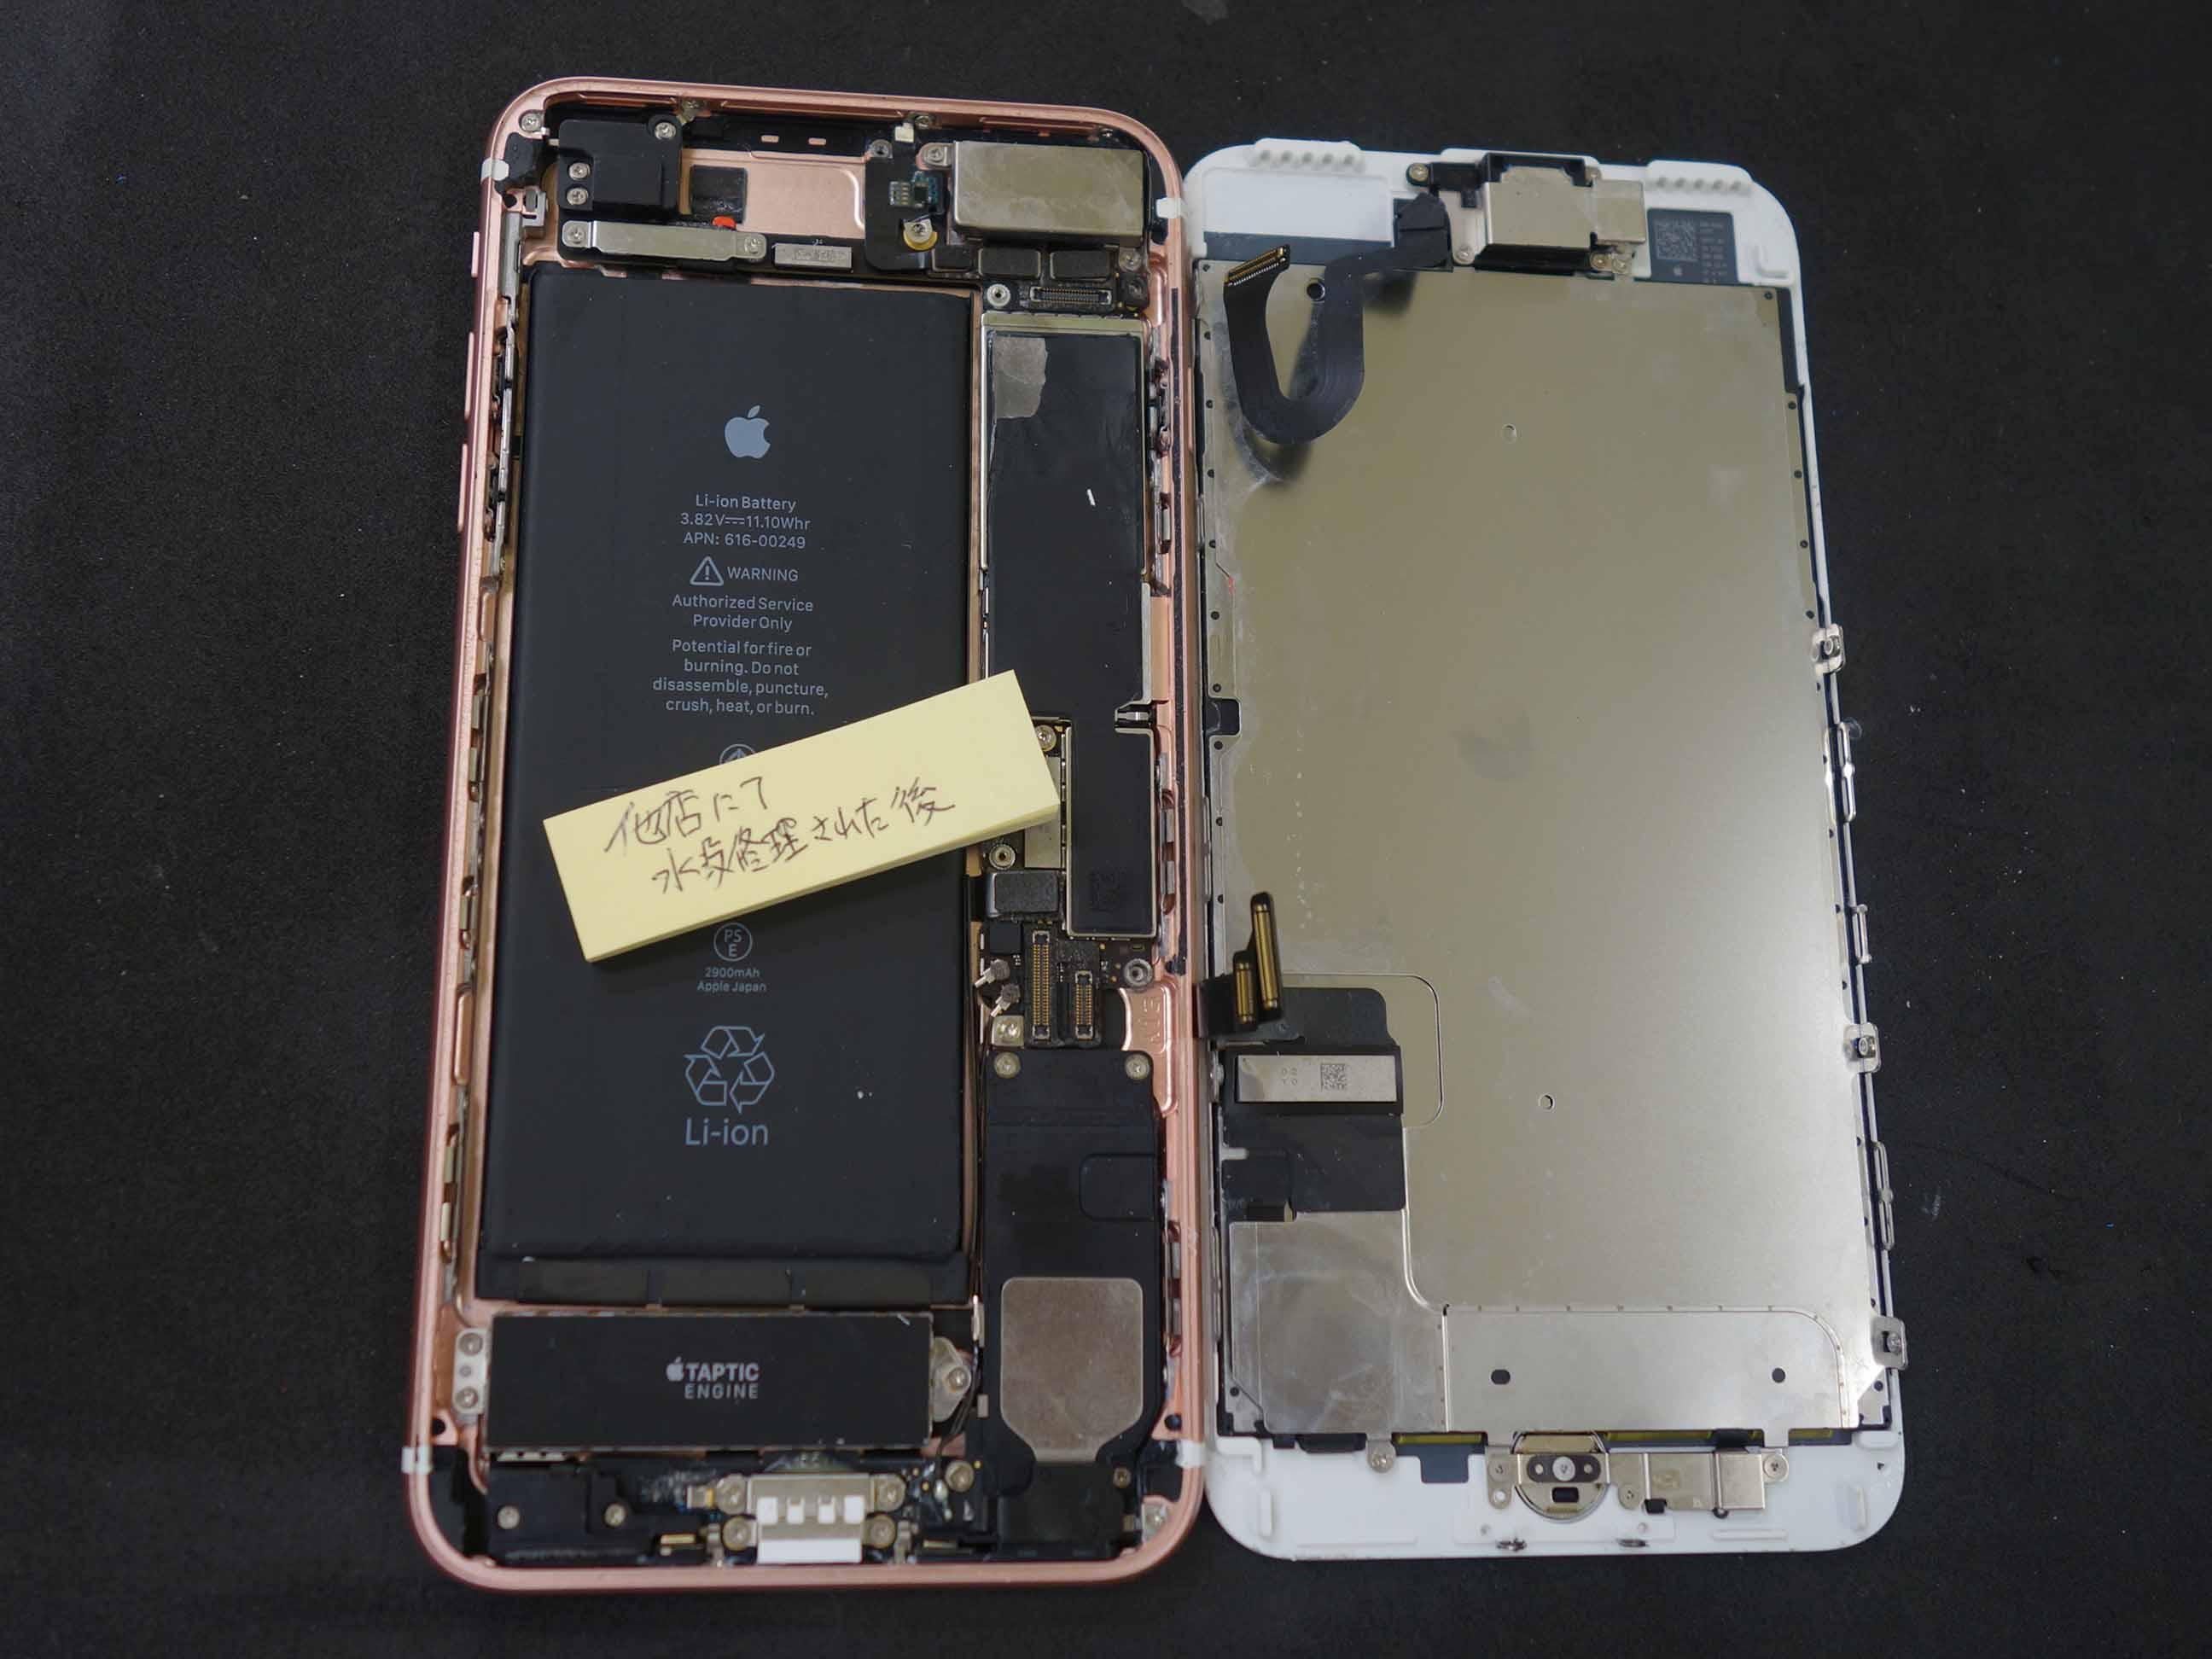 プールで水没 iPhone7Plusの水没復旧修理に三重県よりご来店!アイフォン修理のクイック名古屋